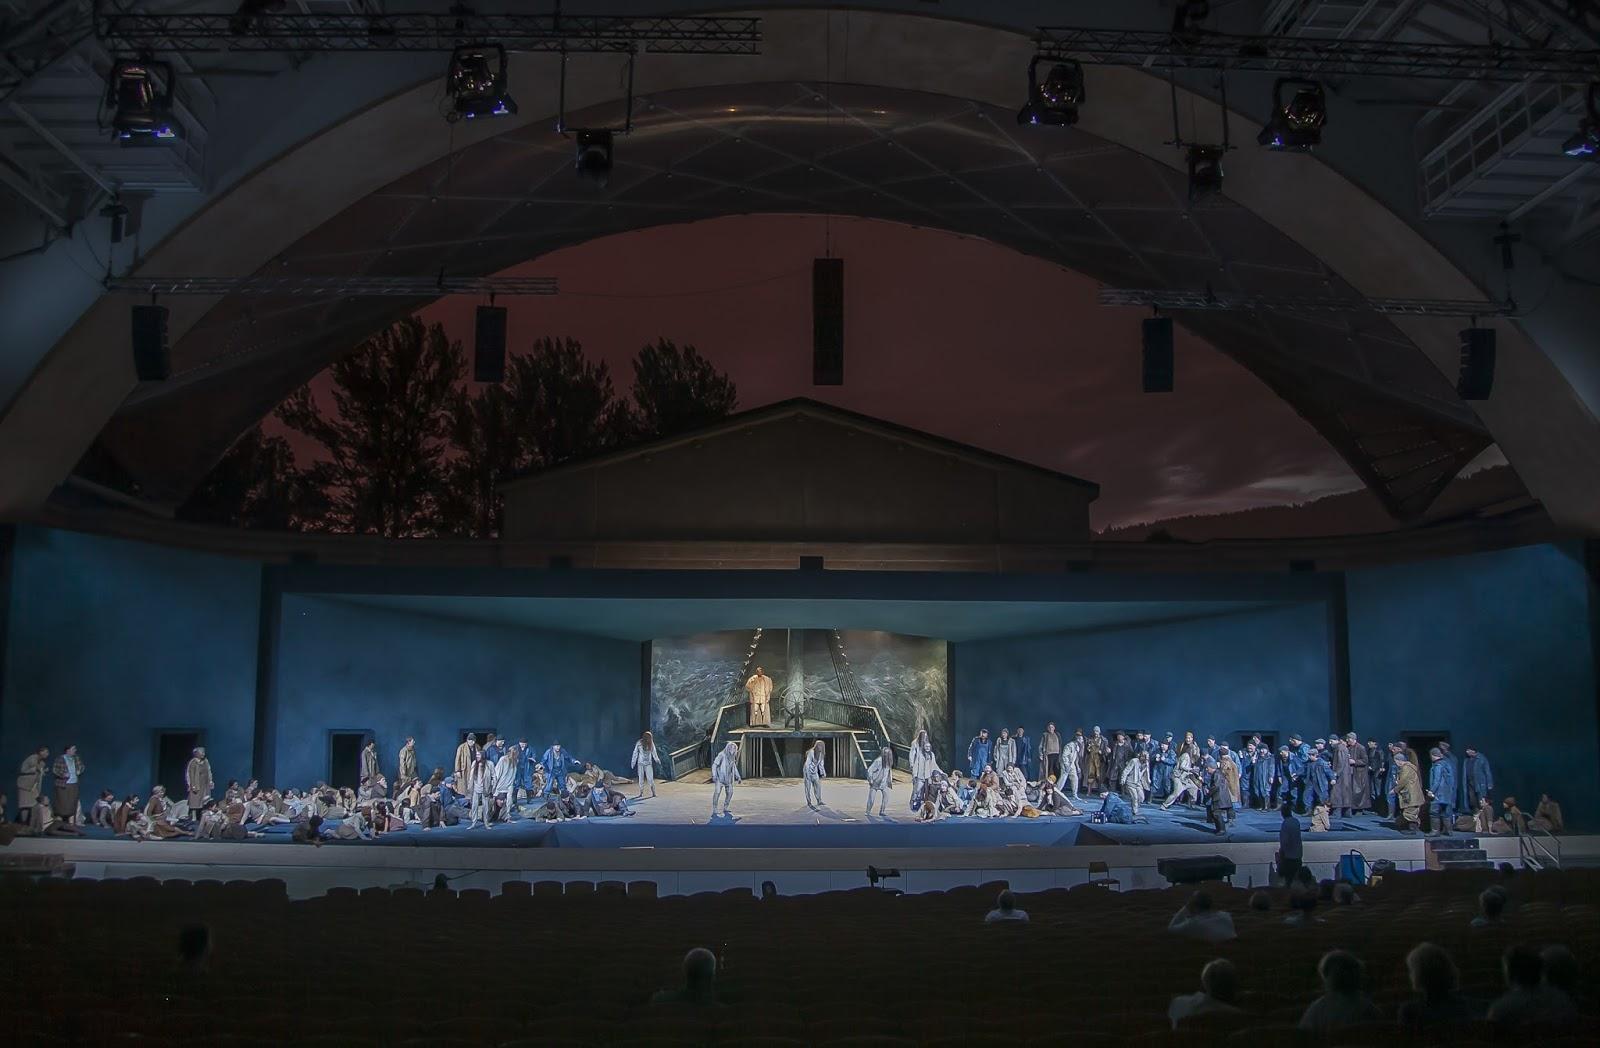 Christian Stückl ancre le Vaisseau fantôme au Théâtre de la Passion d'Oberammergau